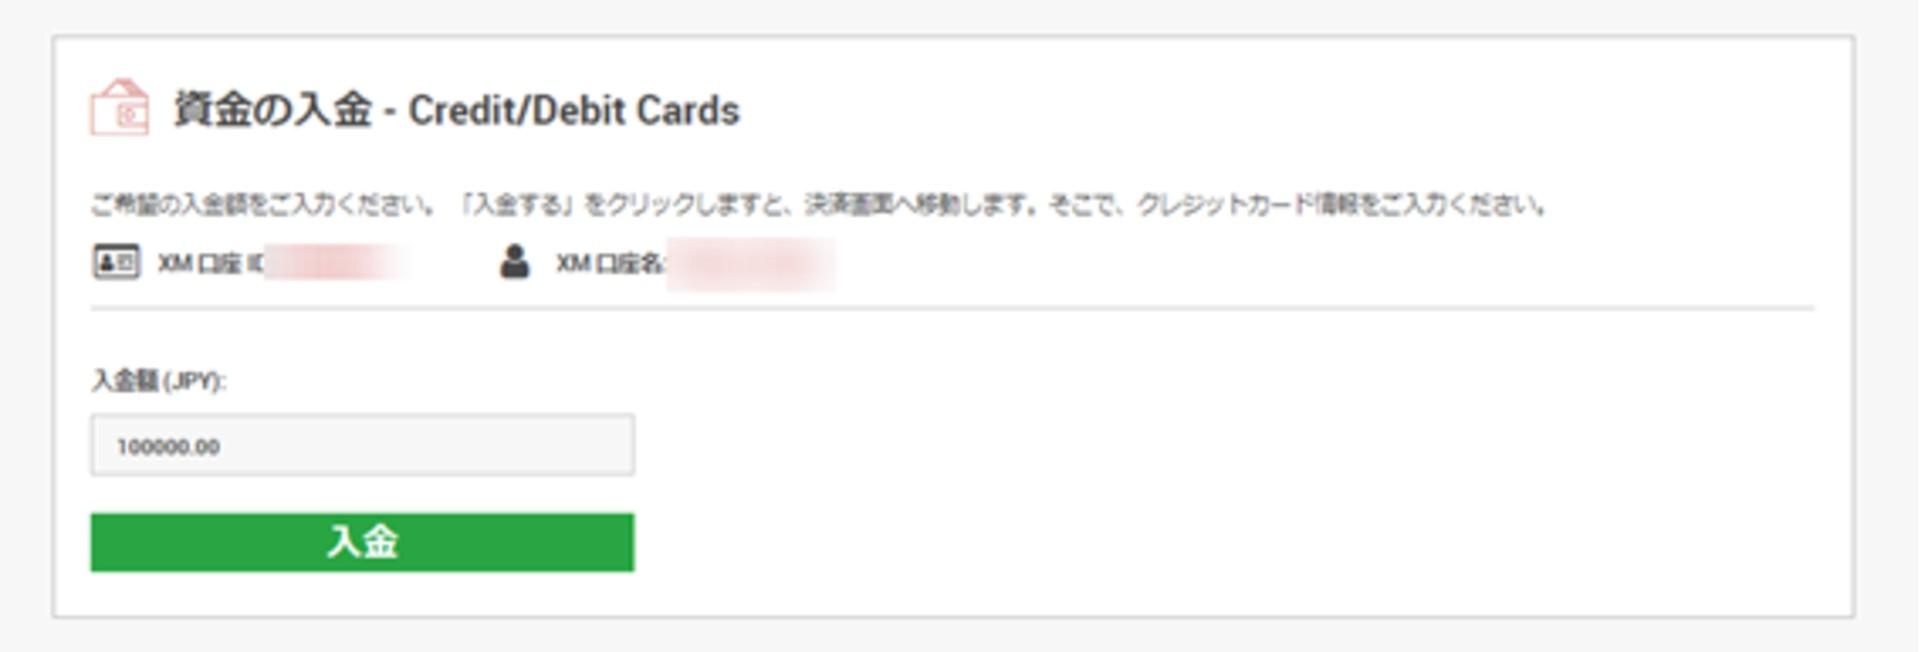 XMクレジットカード入金方法